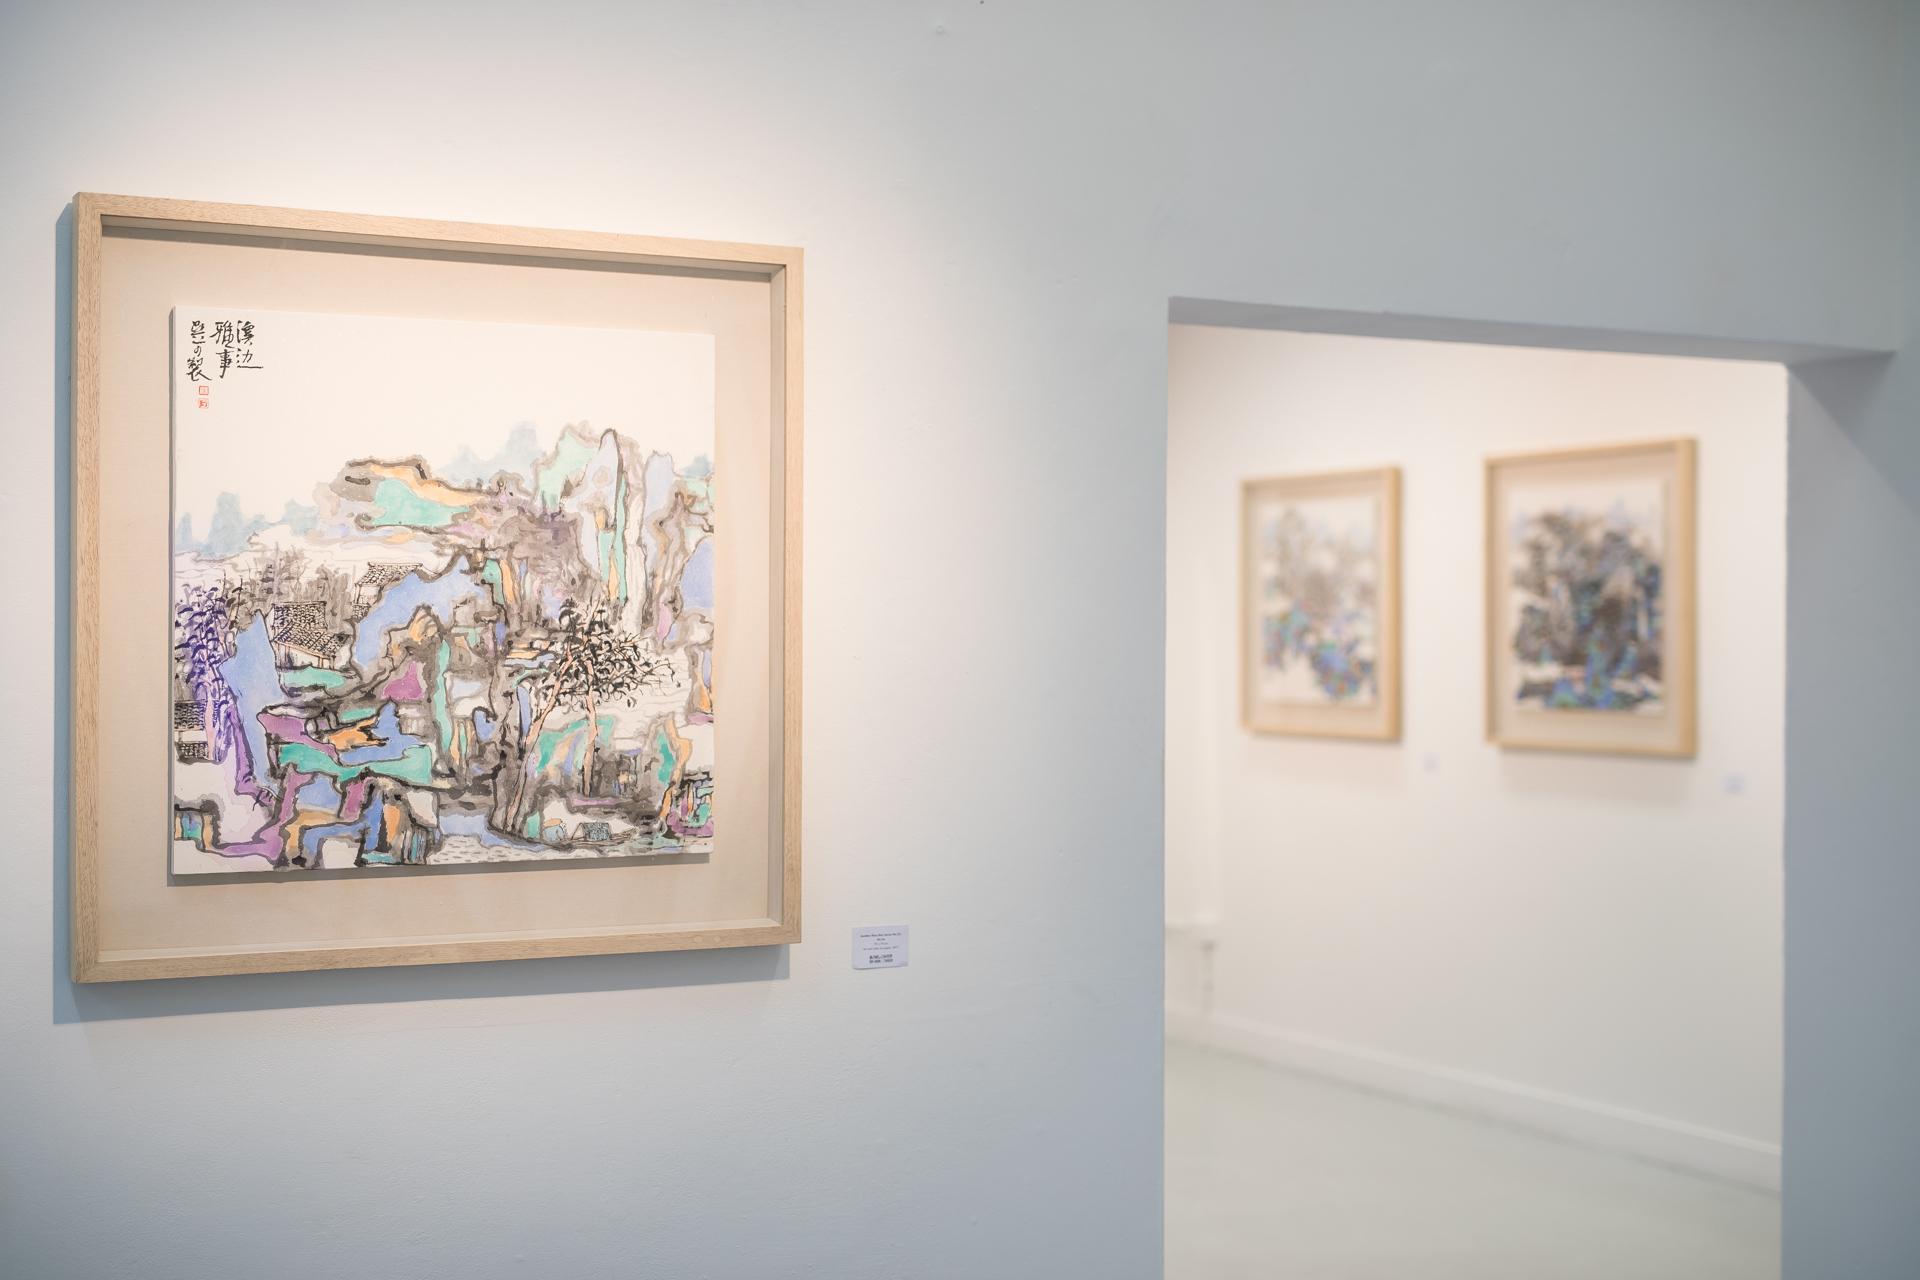 '别样山水'首次走出国门来到泰晤士河畔的画廊展出